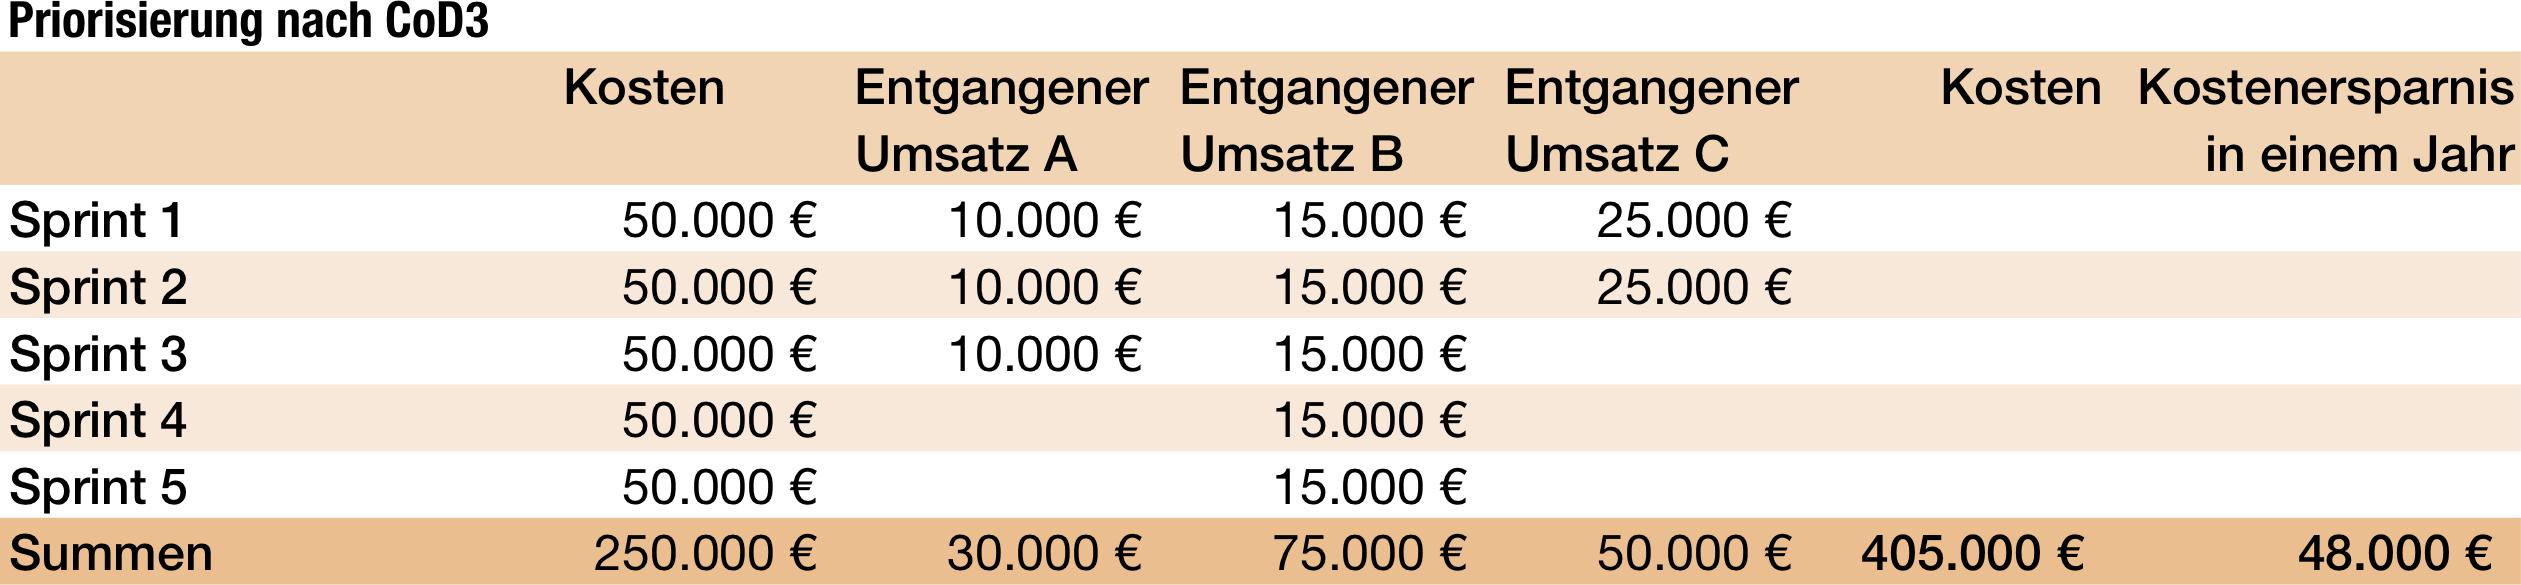 Kosten und Ersparnis bei Priorisierung nach Cost of Delay by Duration.